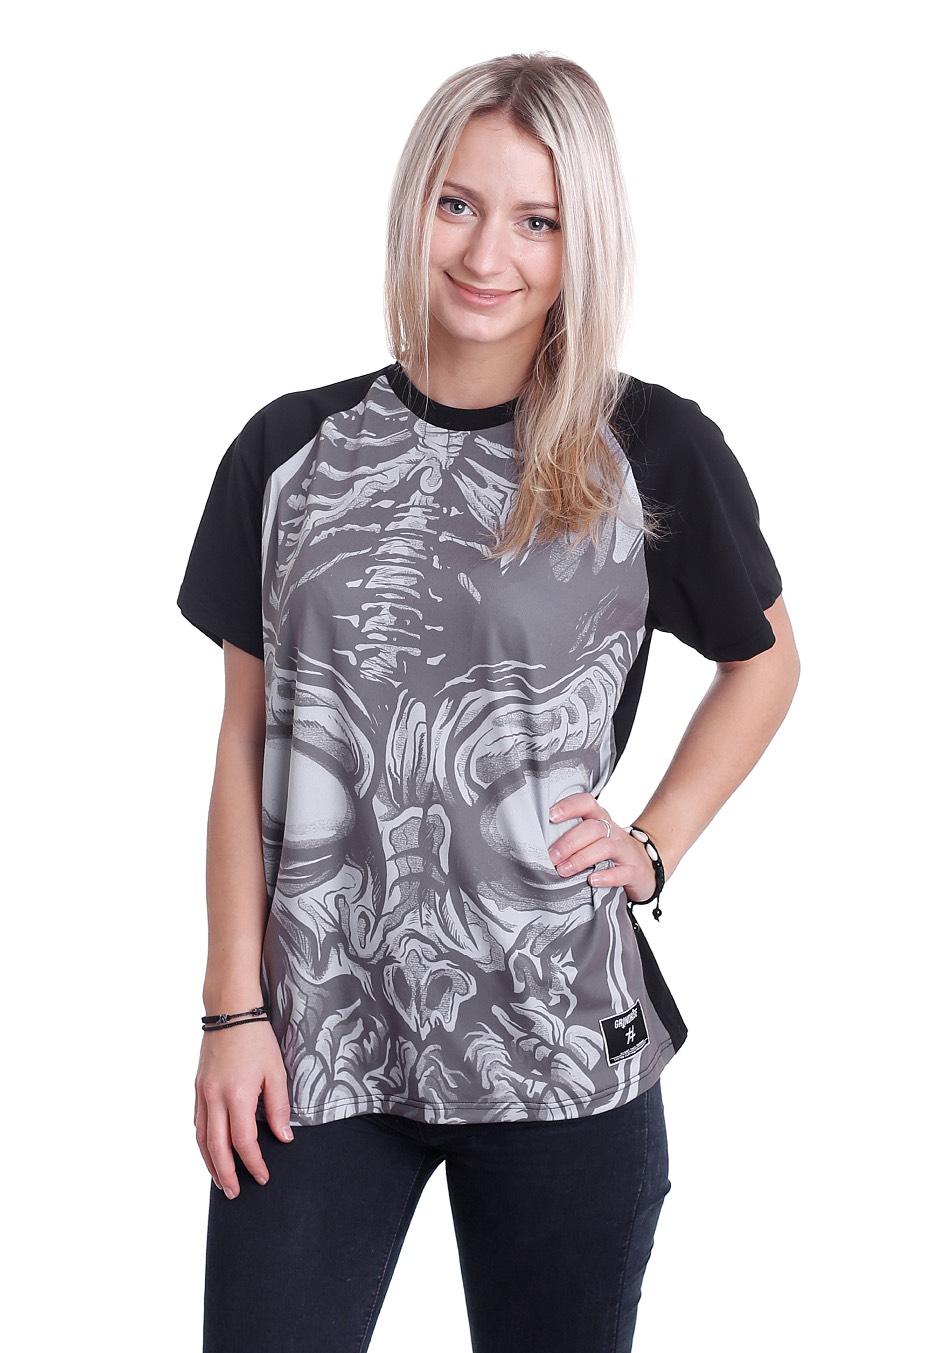 Grindrise Clothing - Dark One Fullprint - T-Shirt - Streetwear Shop ... dd66f0253